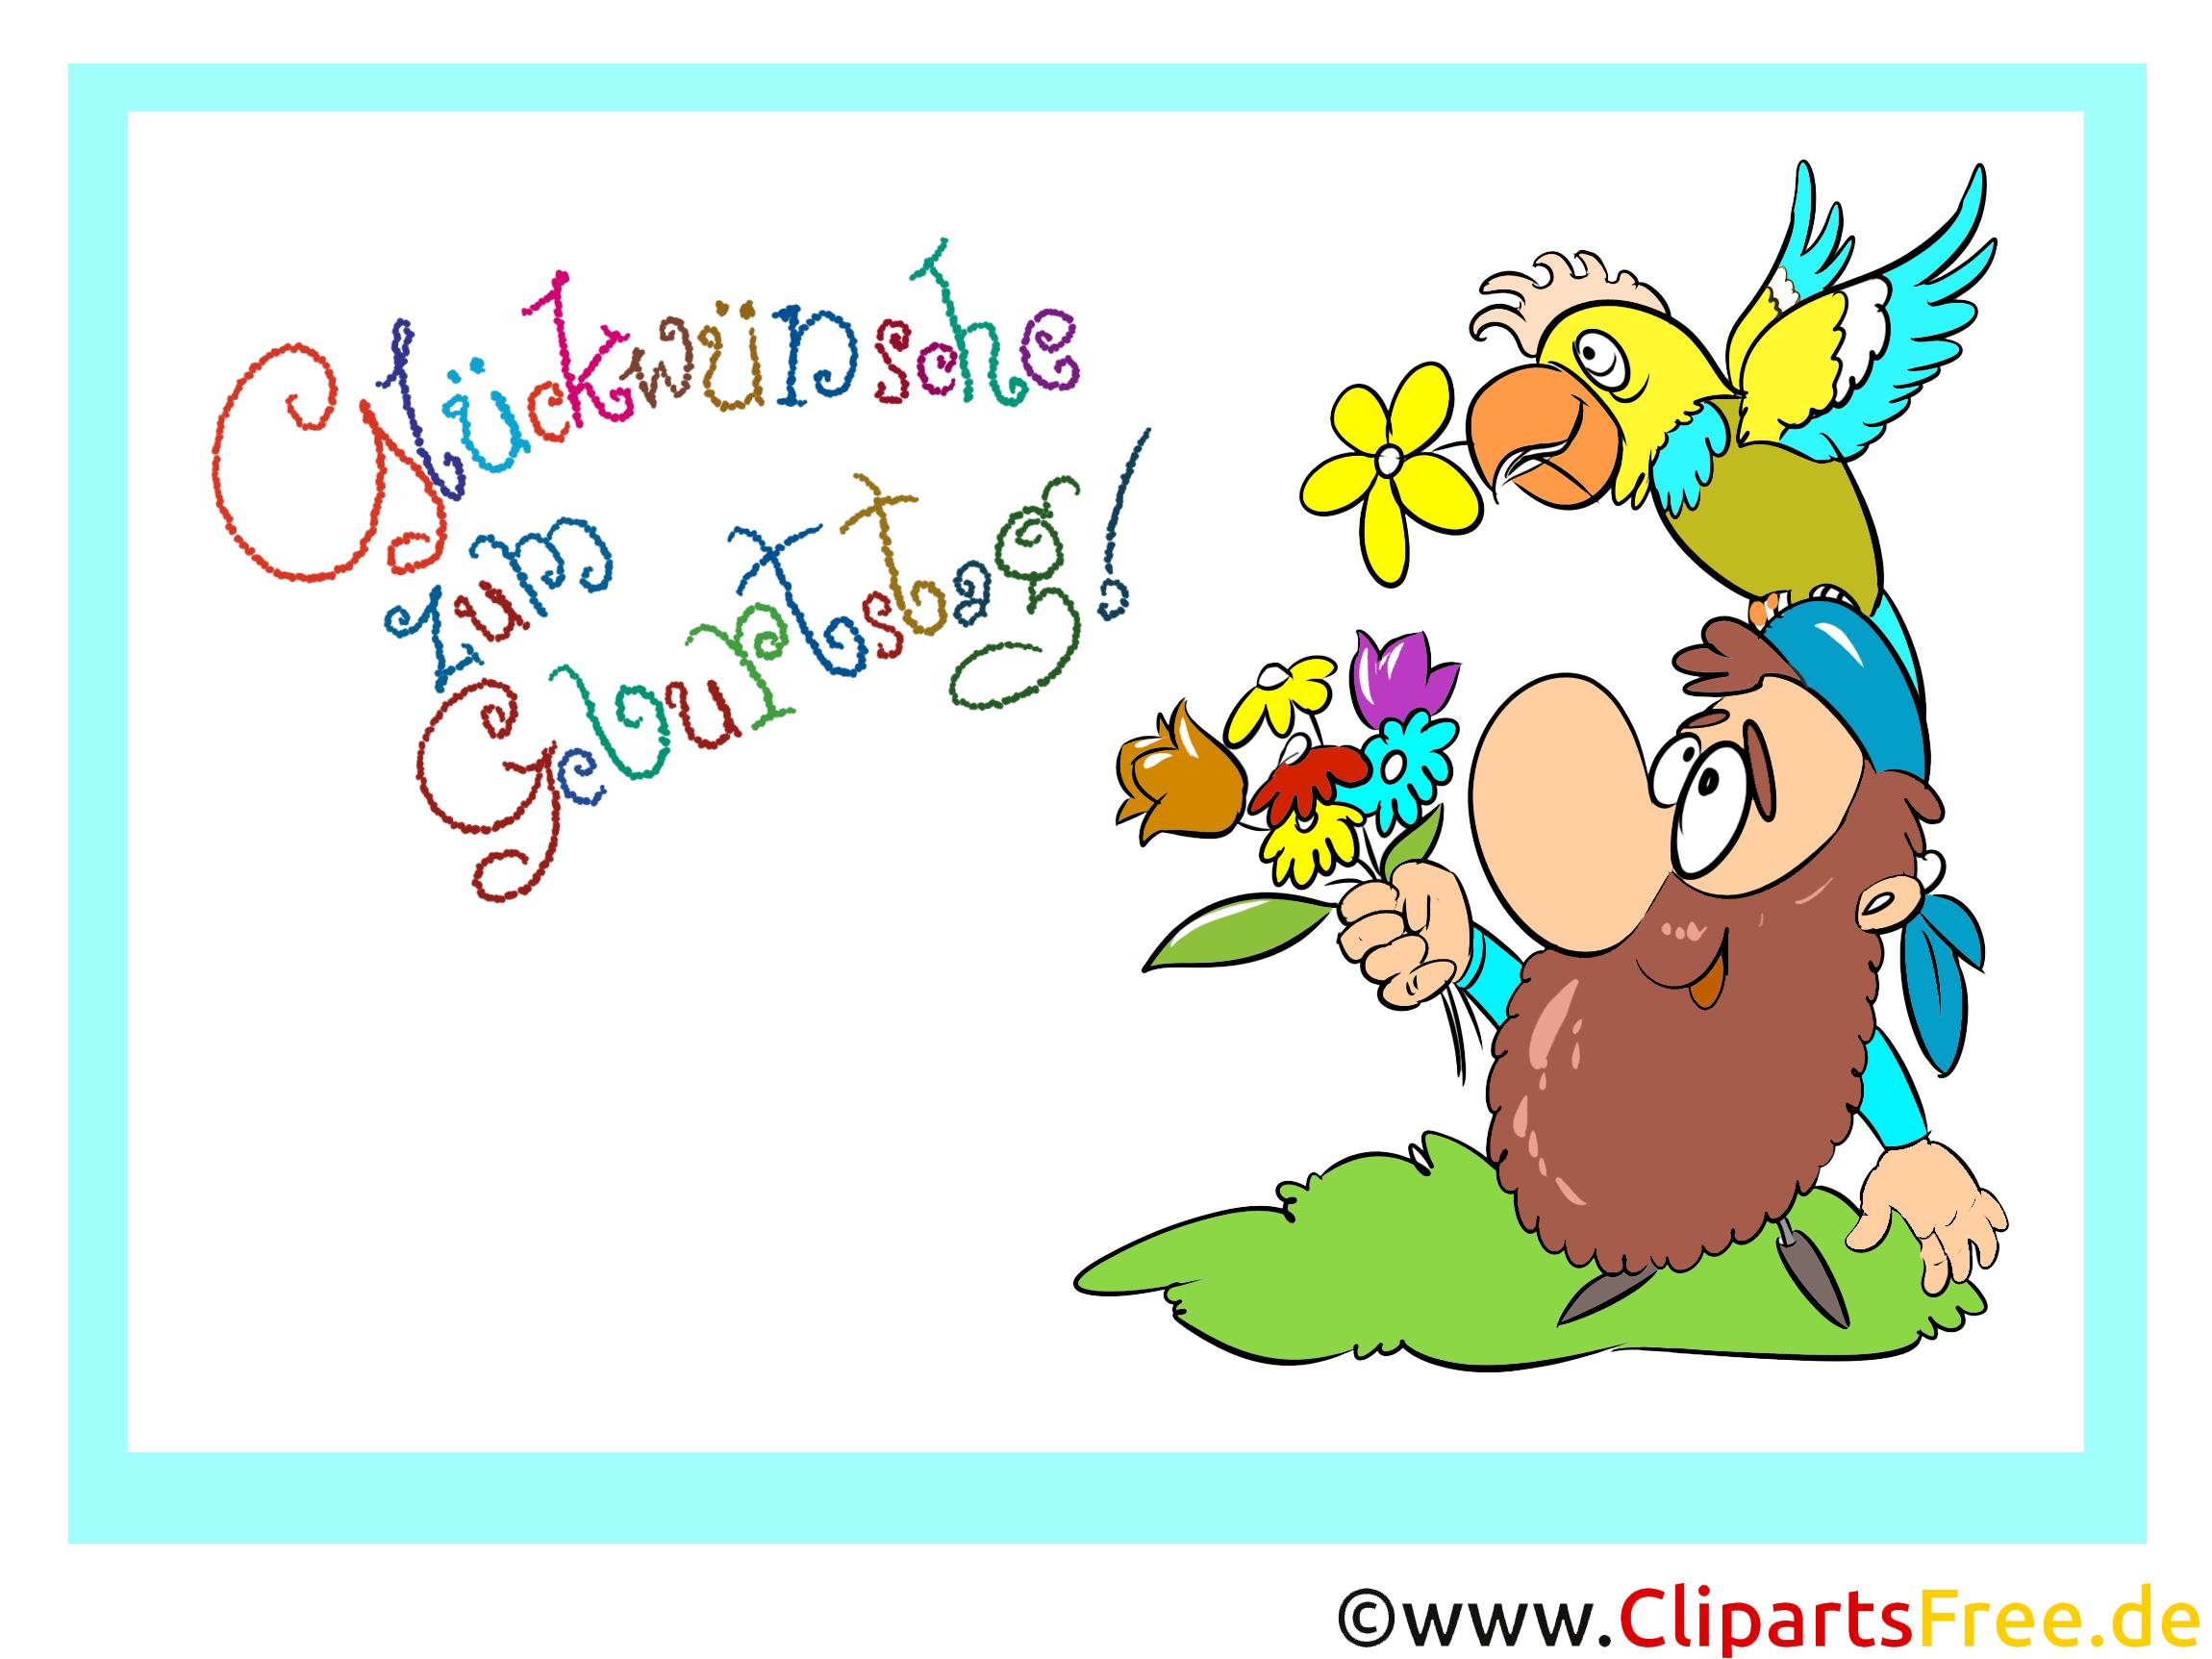 lustige glückwunschkarte zum geburtstag für kinder